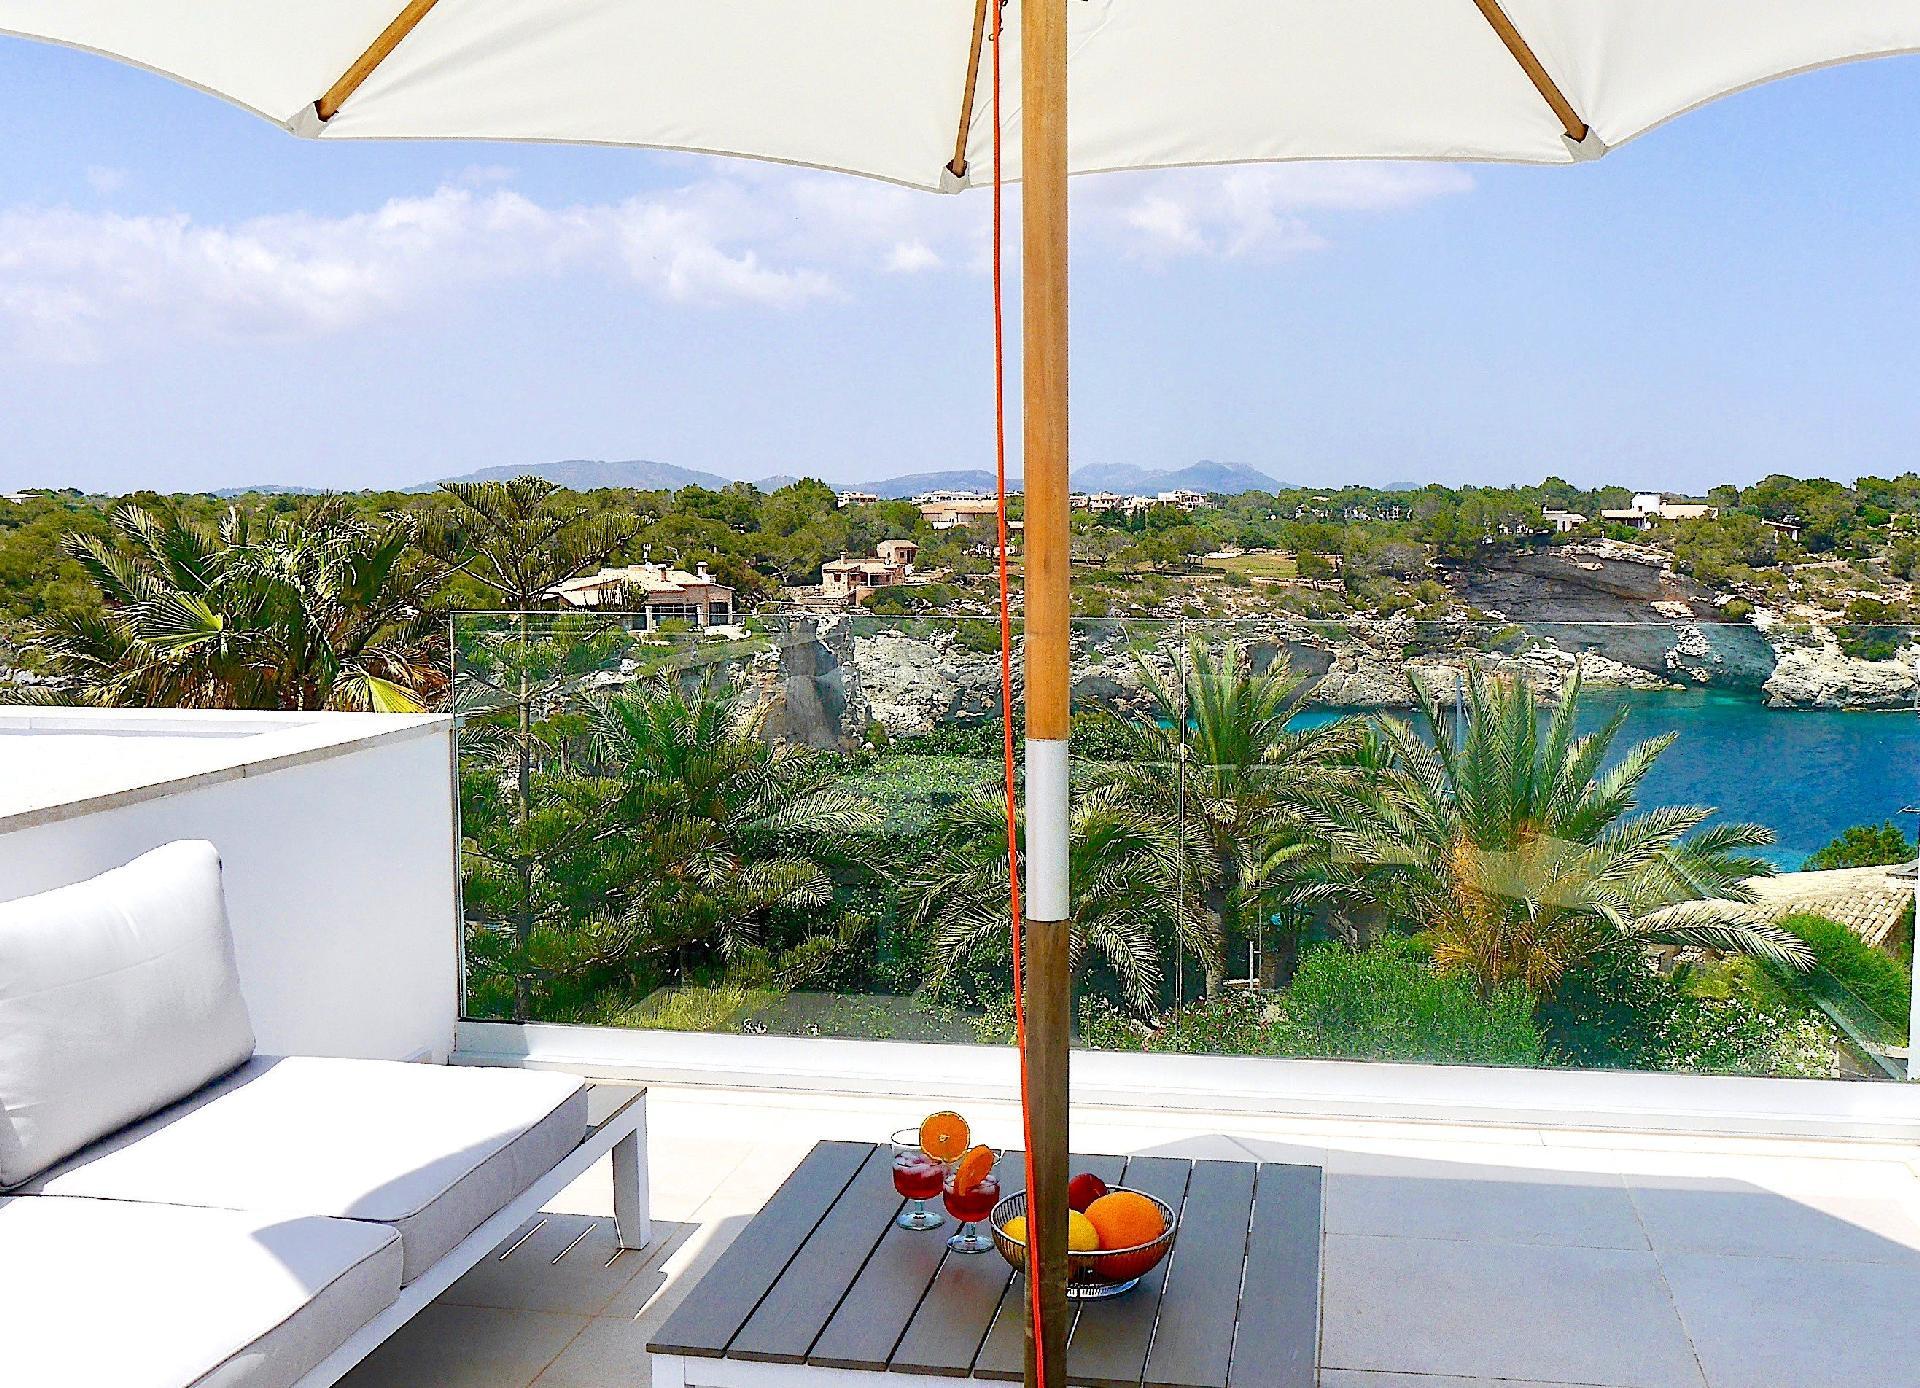 Ferienhaus mit Privatpool für 4 Personen ca 120 m² in Cala Llombards Mallorca Südostküste von Mallorca